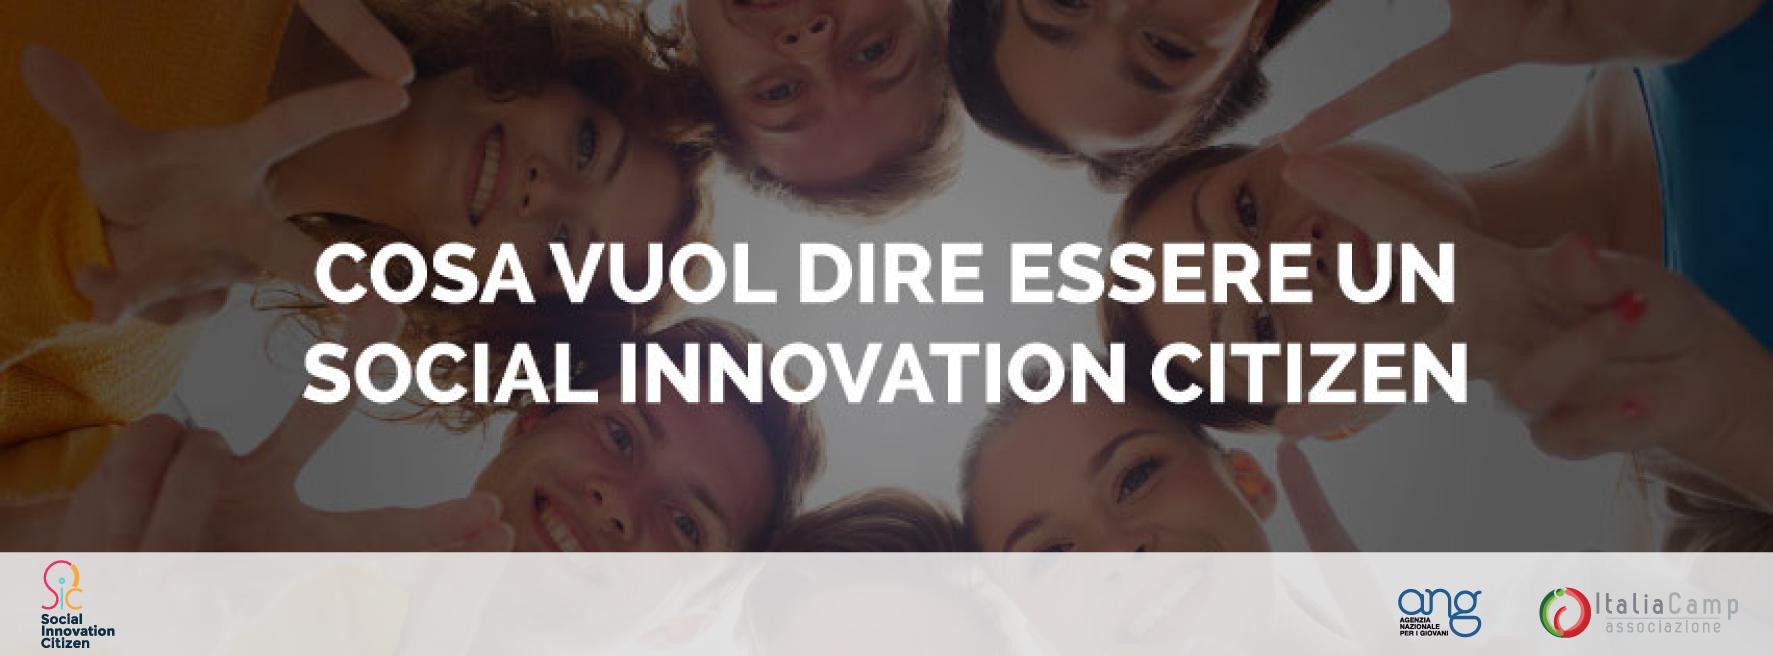 SIC social innovation Citizen